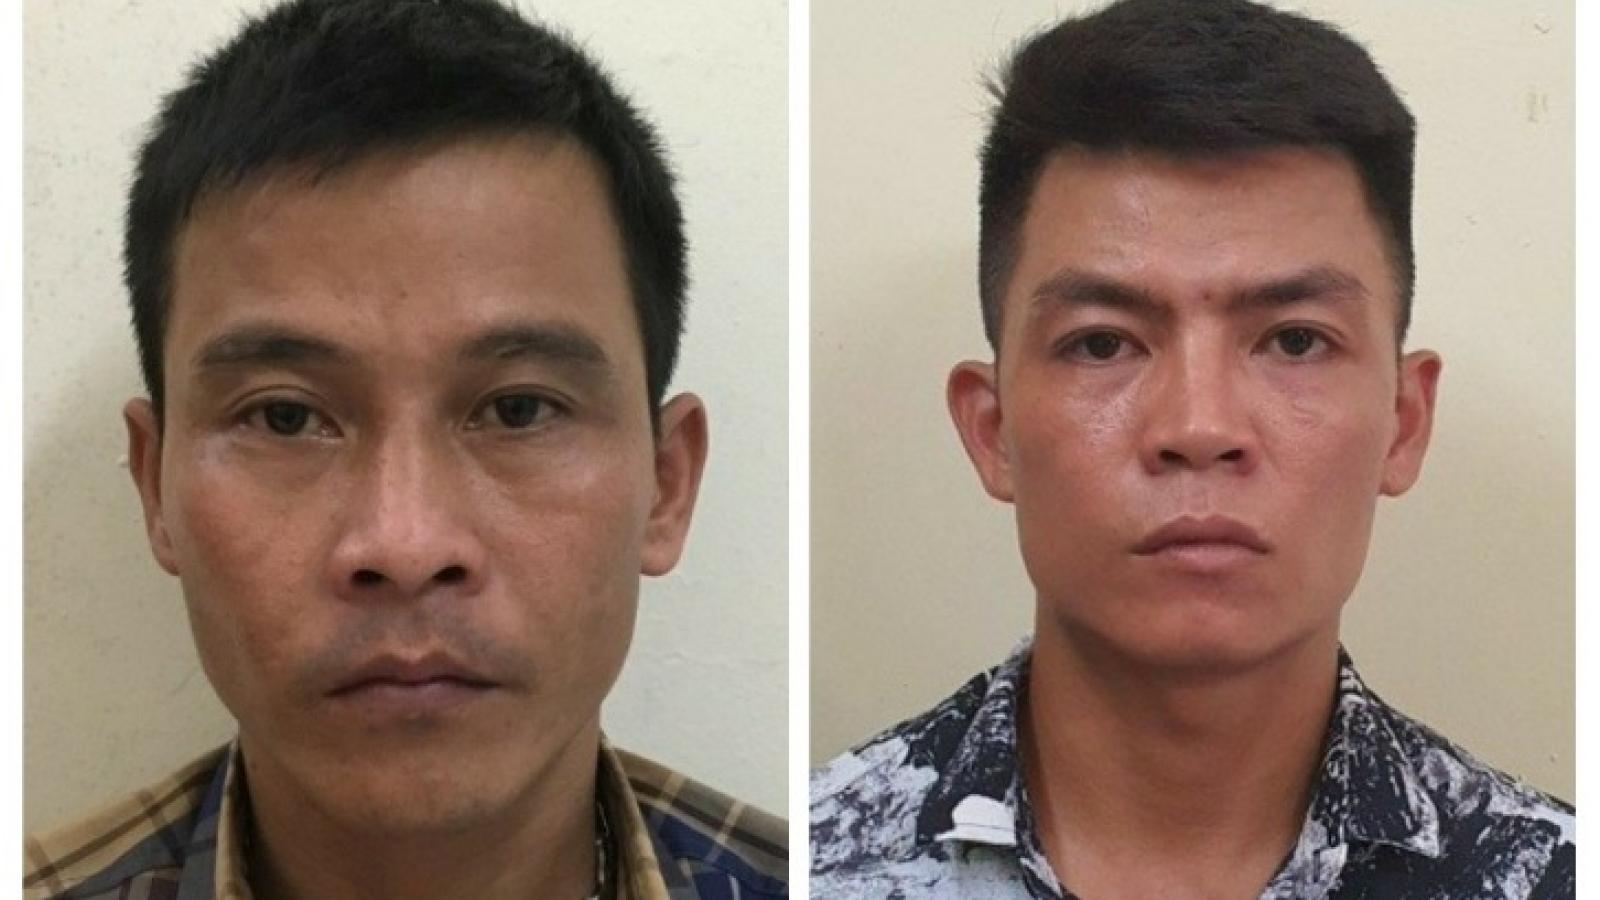 Khởi tố 2 đối tượng giả danh nhân viên an ninh, cướp tài sản trên sông Đá Bạc